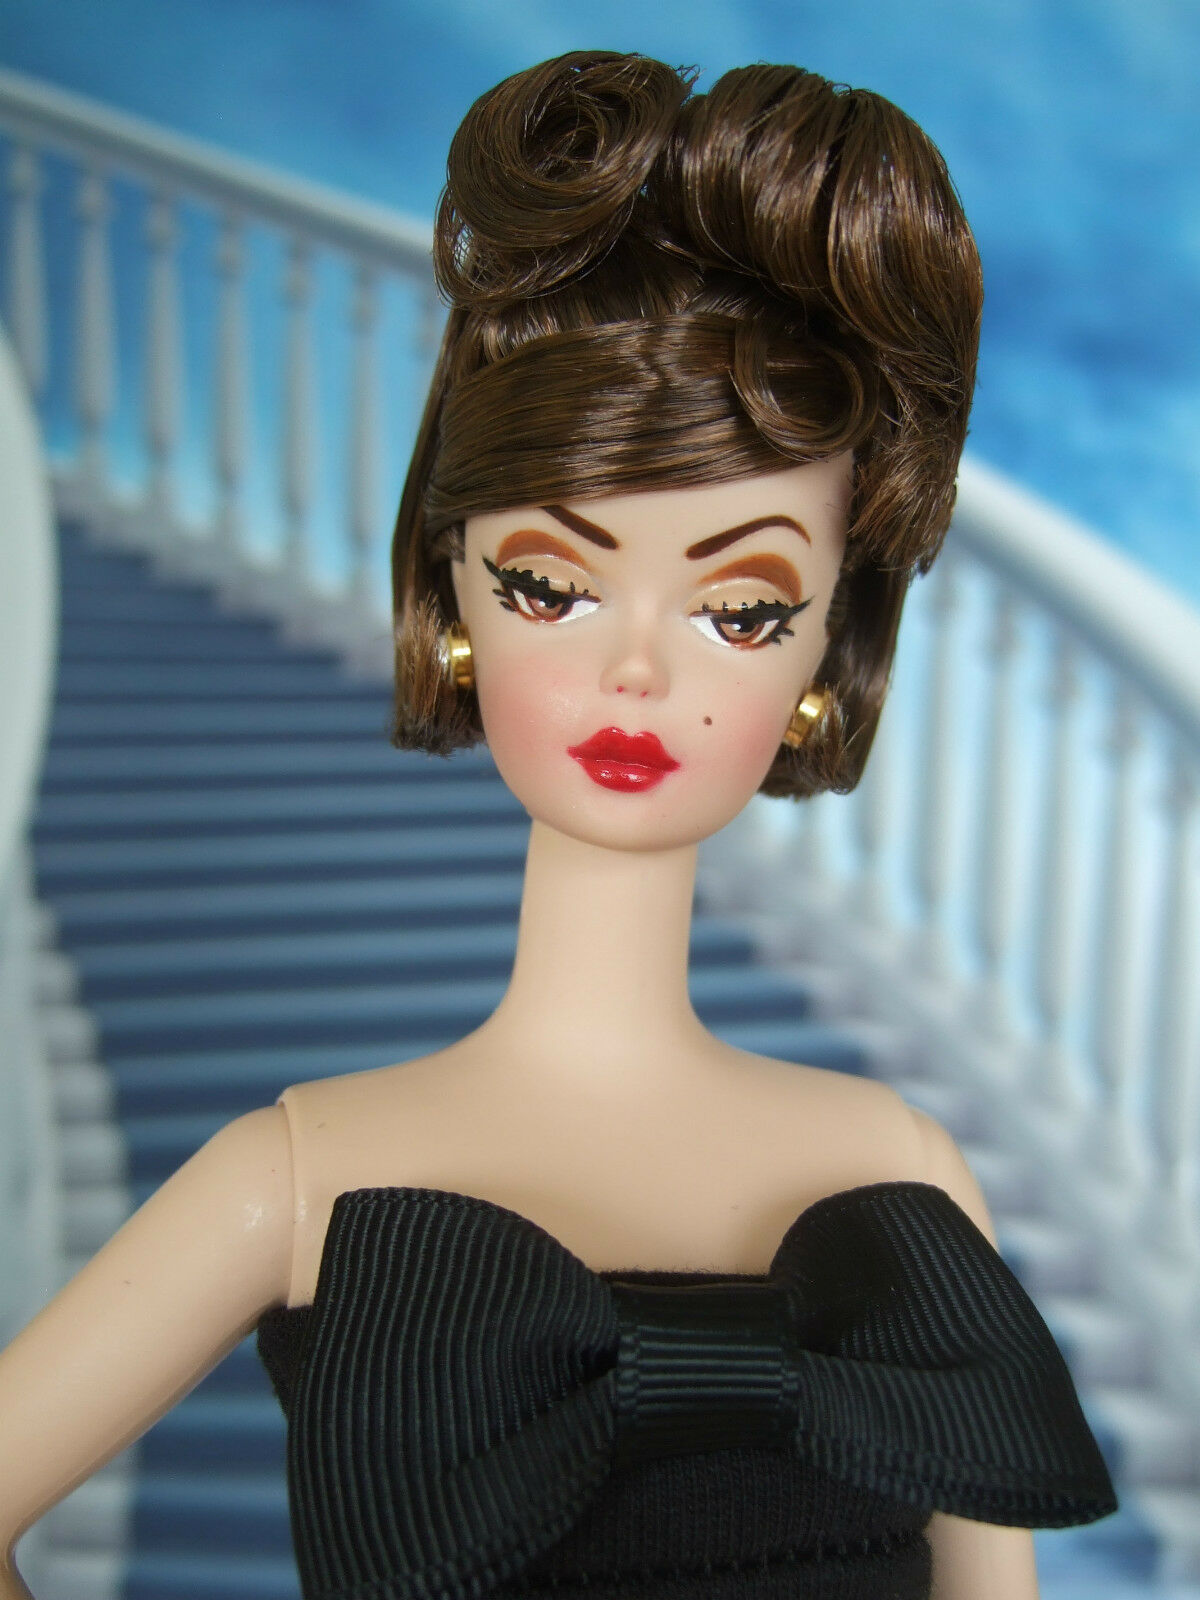 Impresionante marrónette Movie Star uno de una clase Silkstone Barbie Wow  por Marilyn S